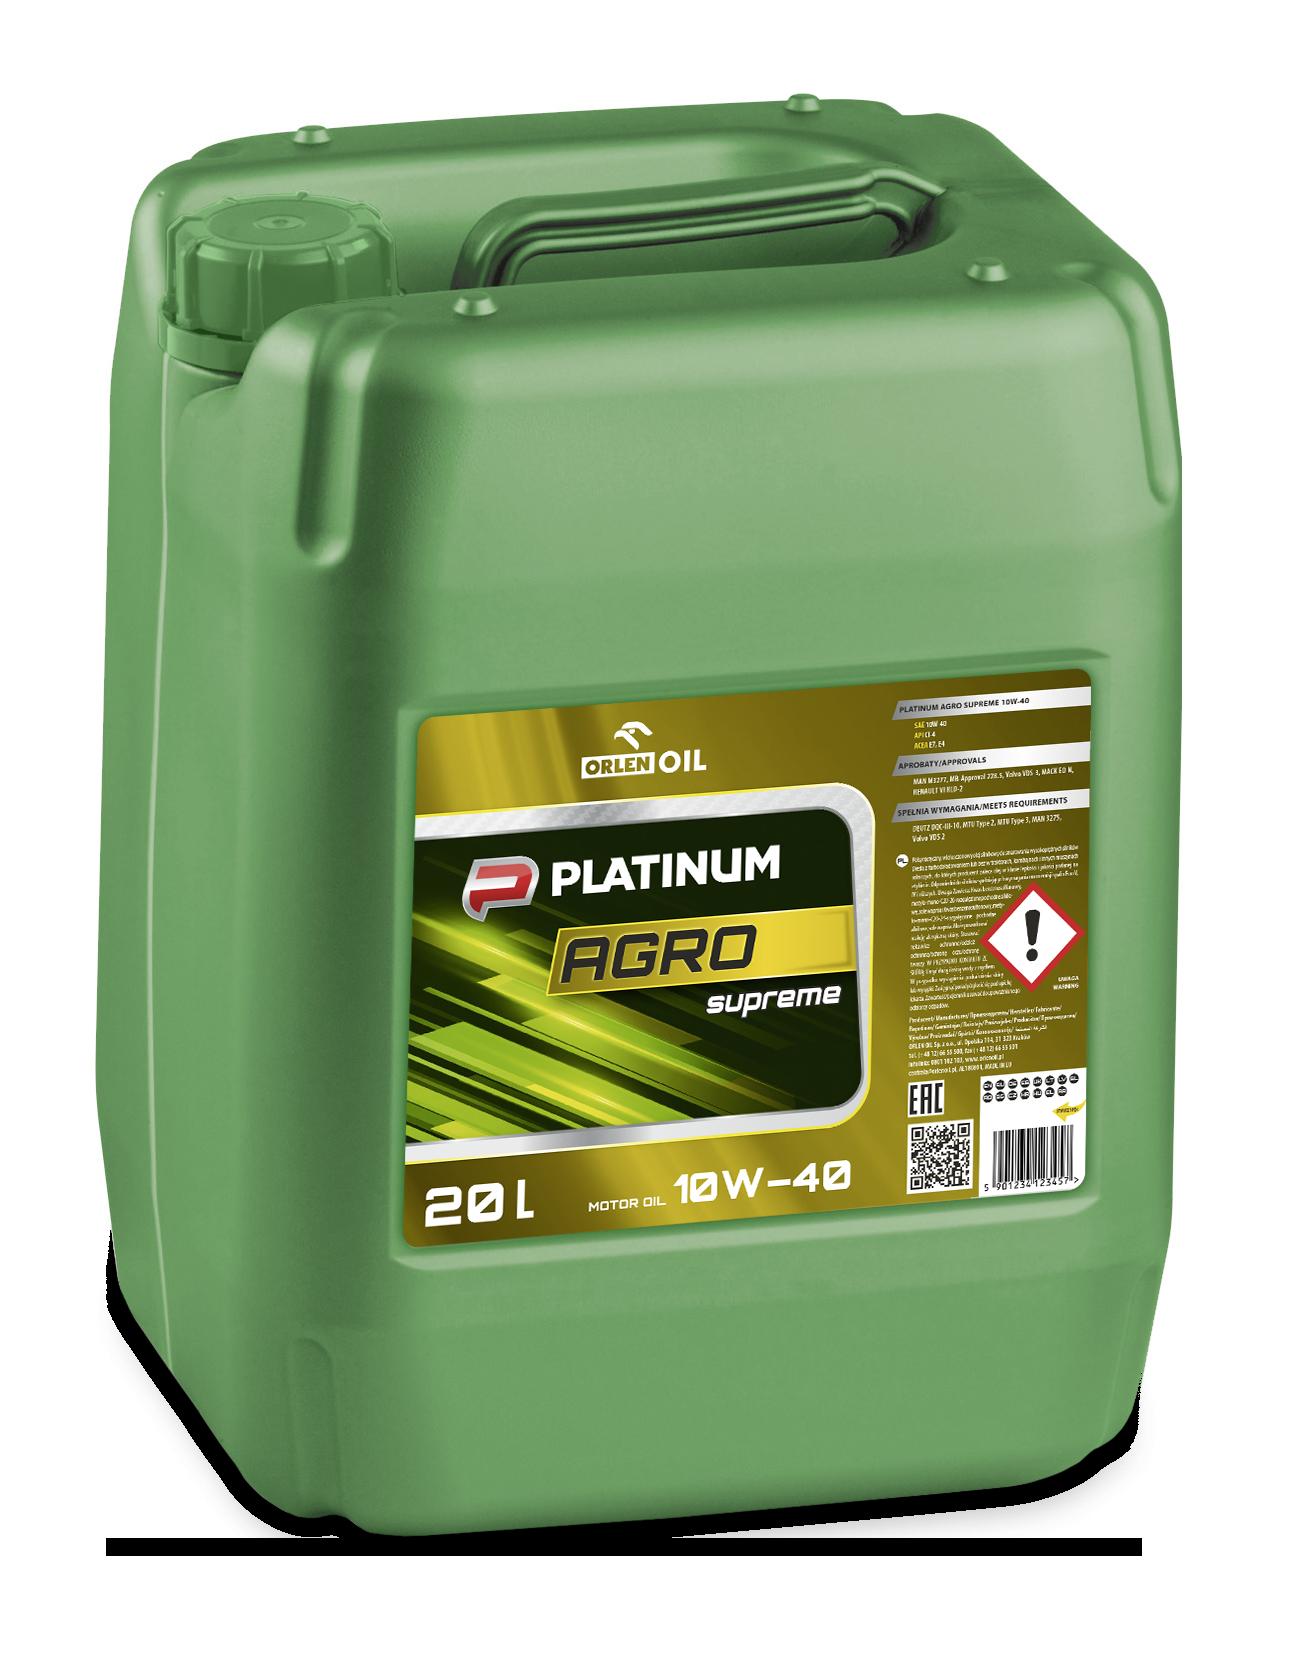 OrlenOil Platinum Agro Supreme 10W40 Моторное масло для дизельной сельхозтехники